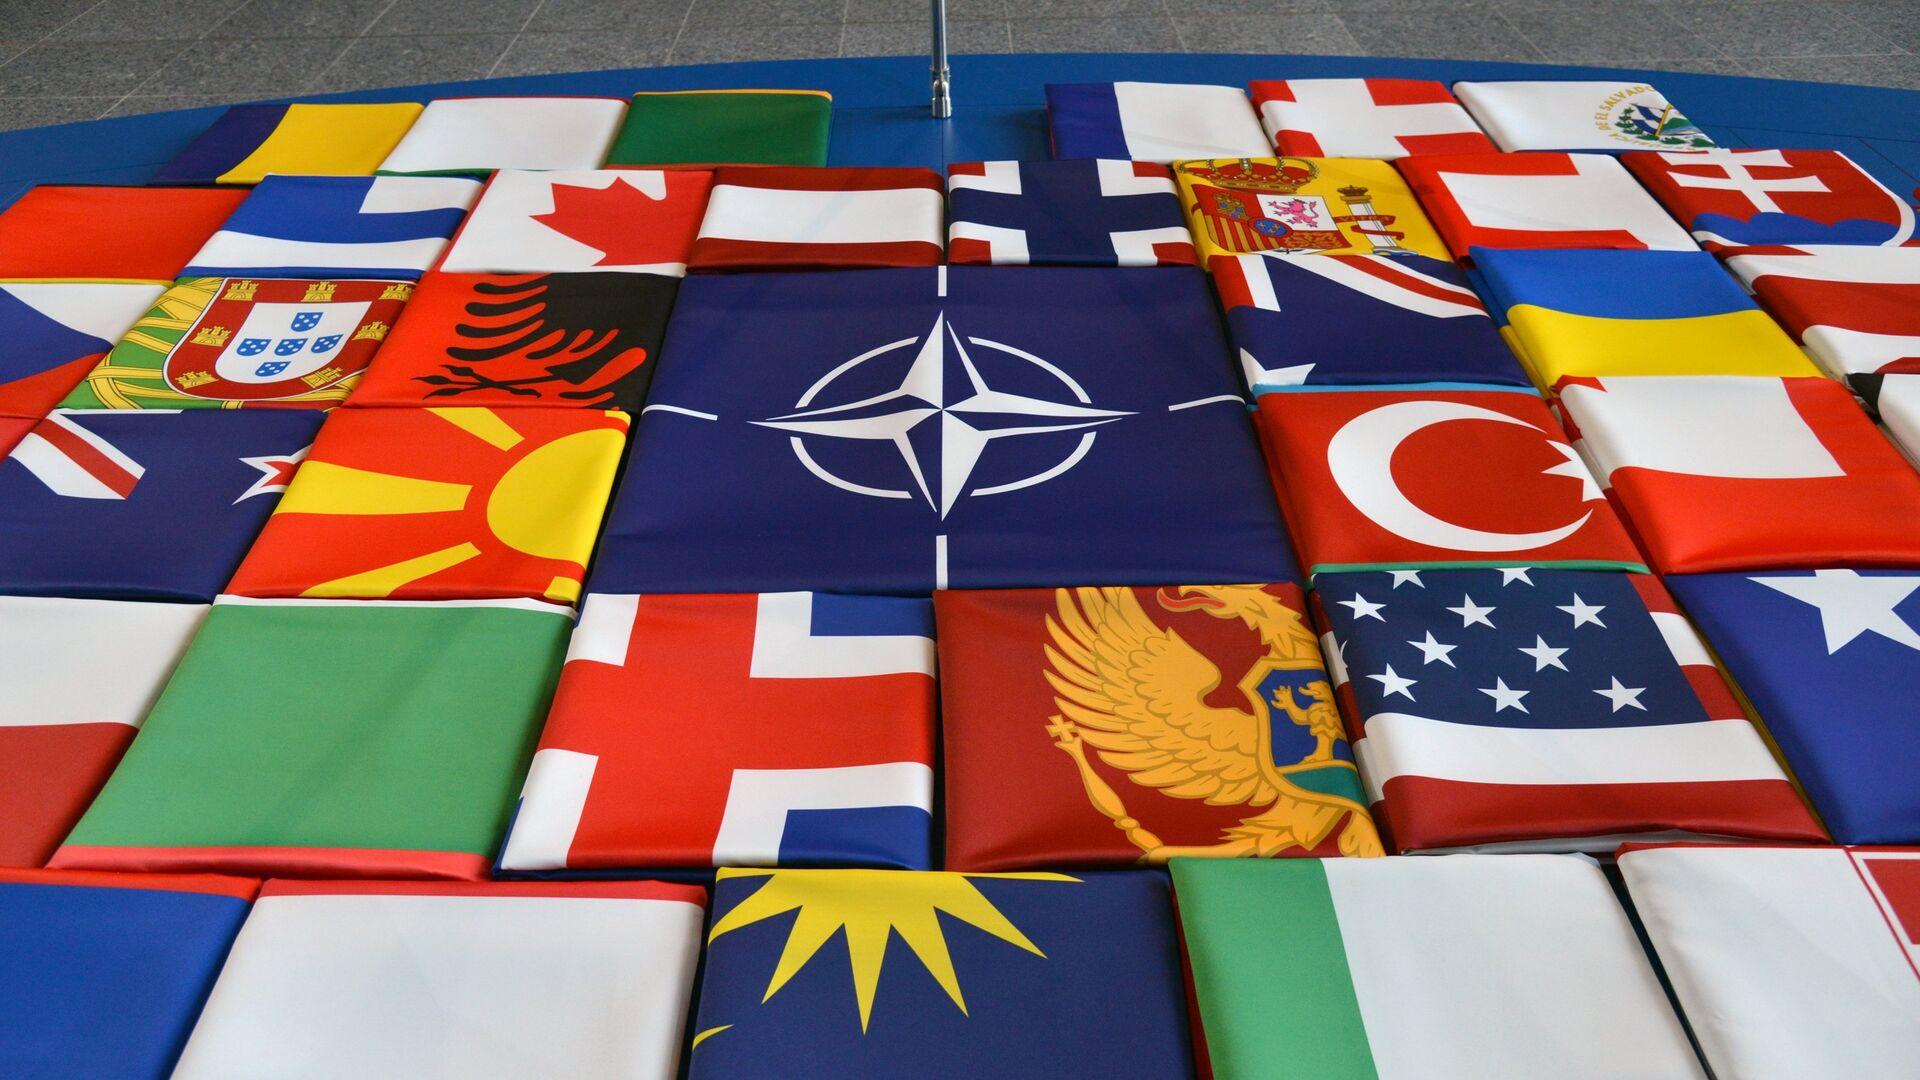 Флаги саммита стран-участниц НАТО в Брюсселе. 11 июля 2018 - РИА Новости, 1920, 30.07.2021